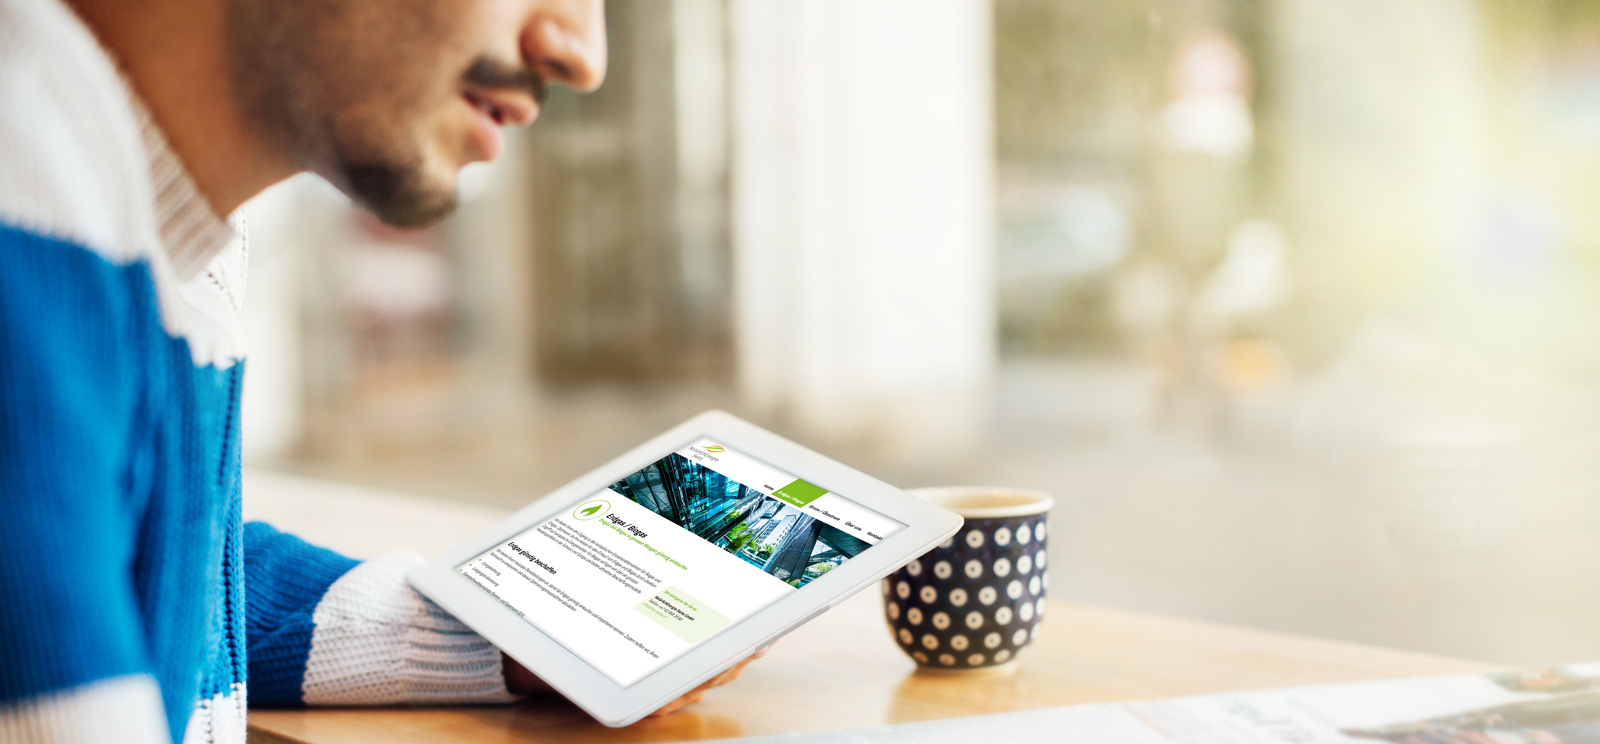 content-referenzen-details-neswiss-tablet-illustration-desktop